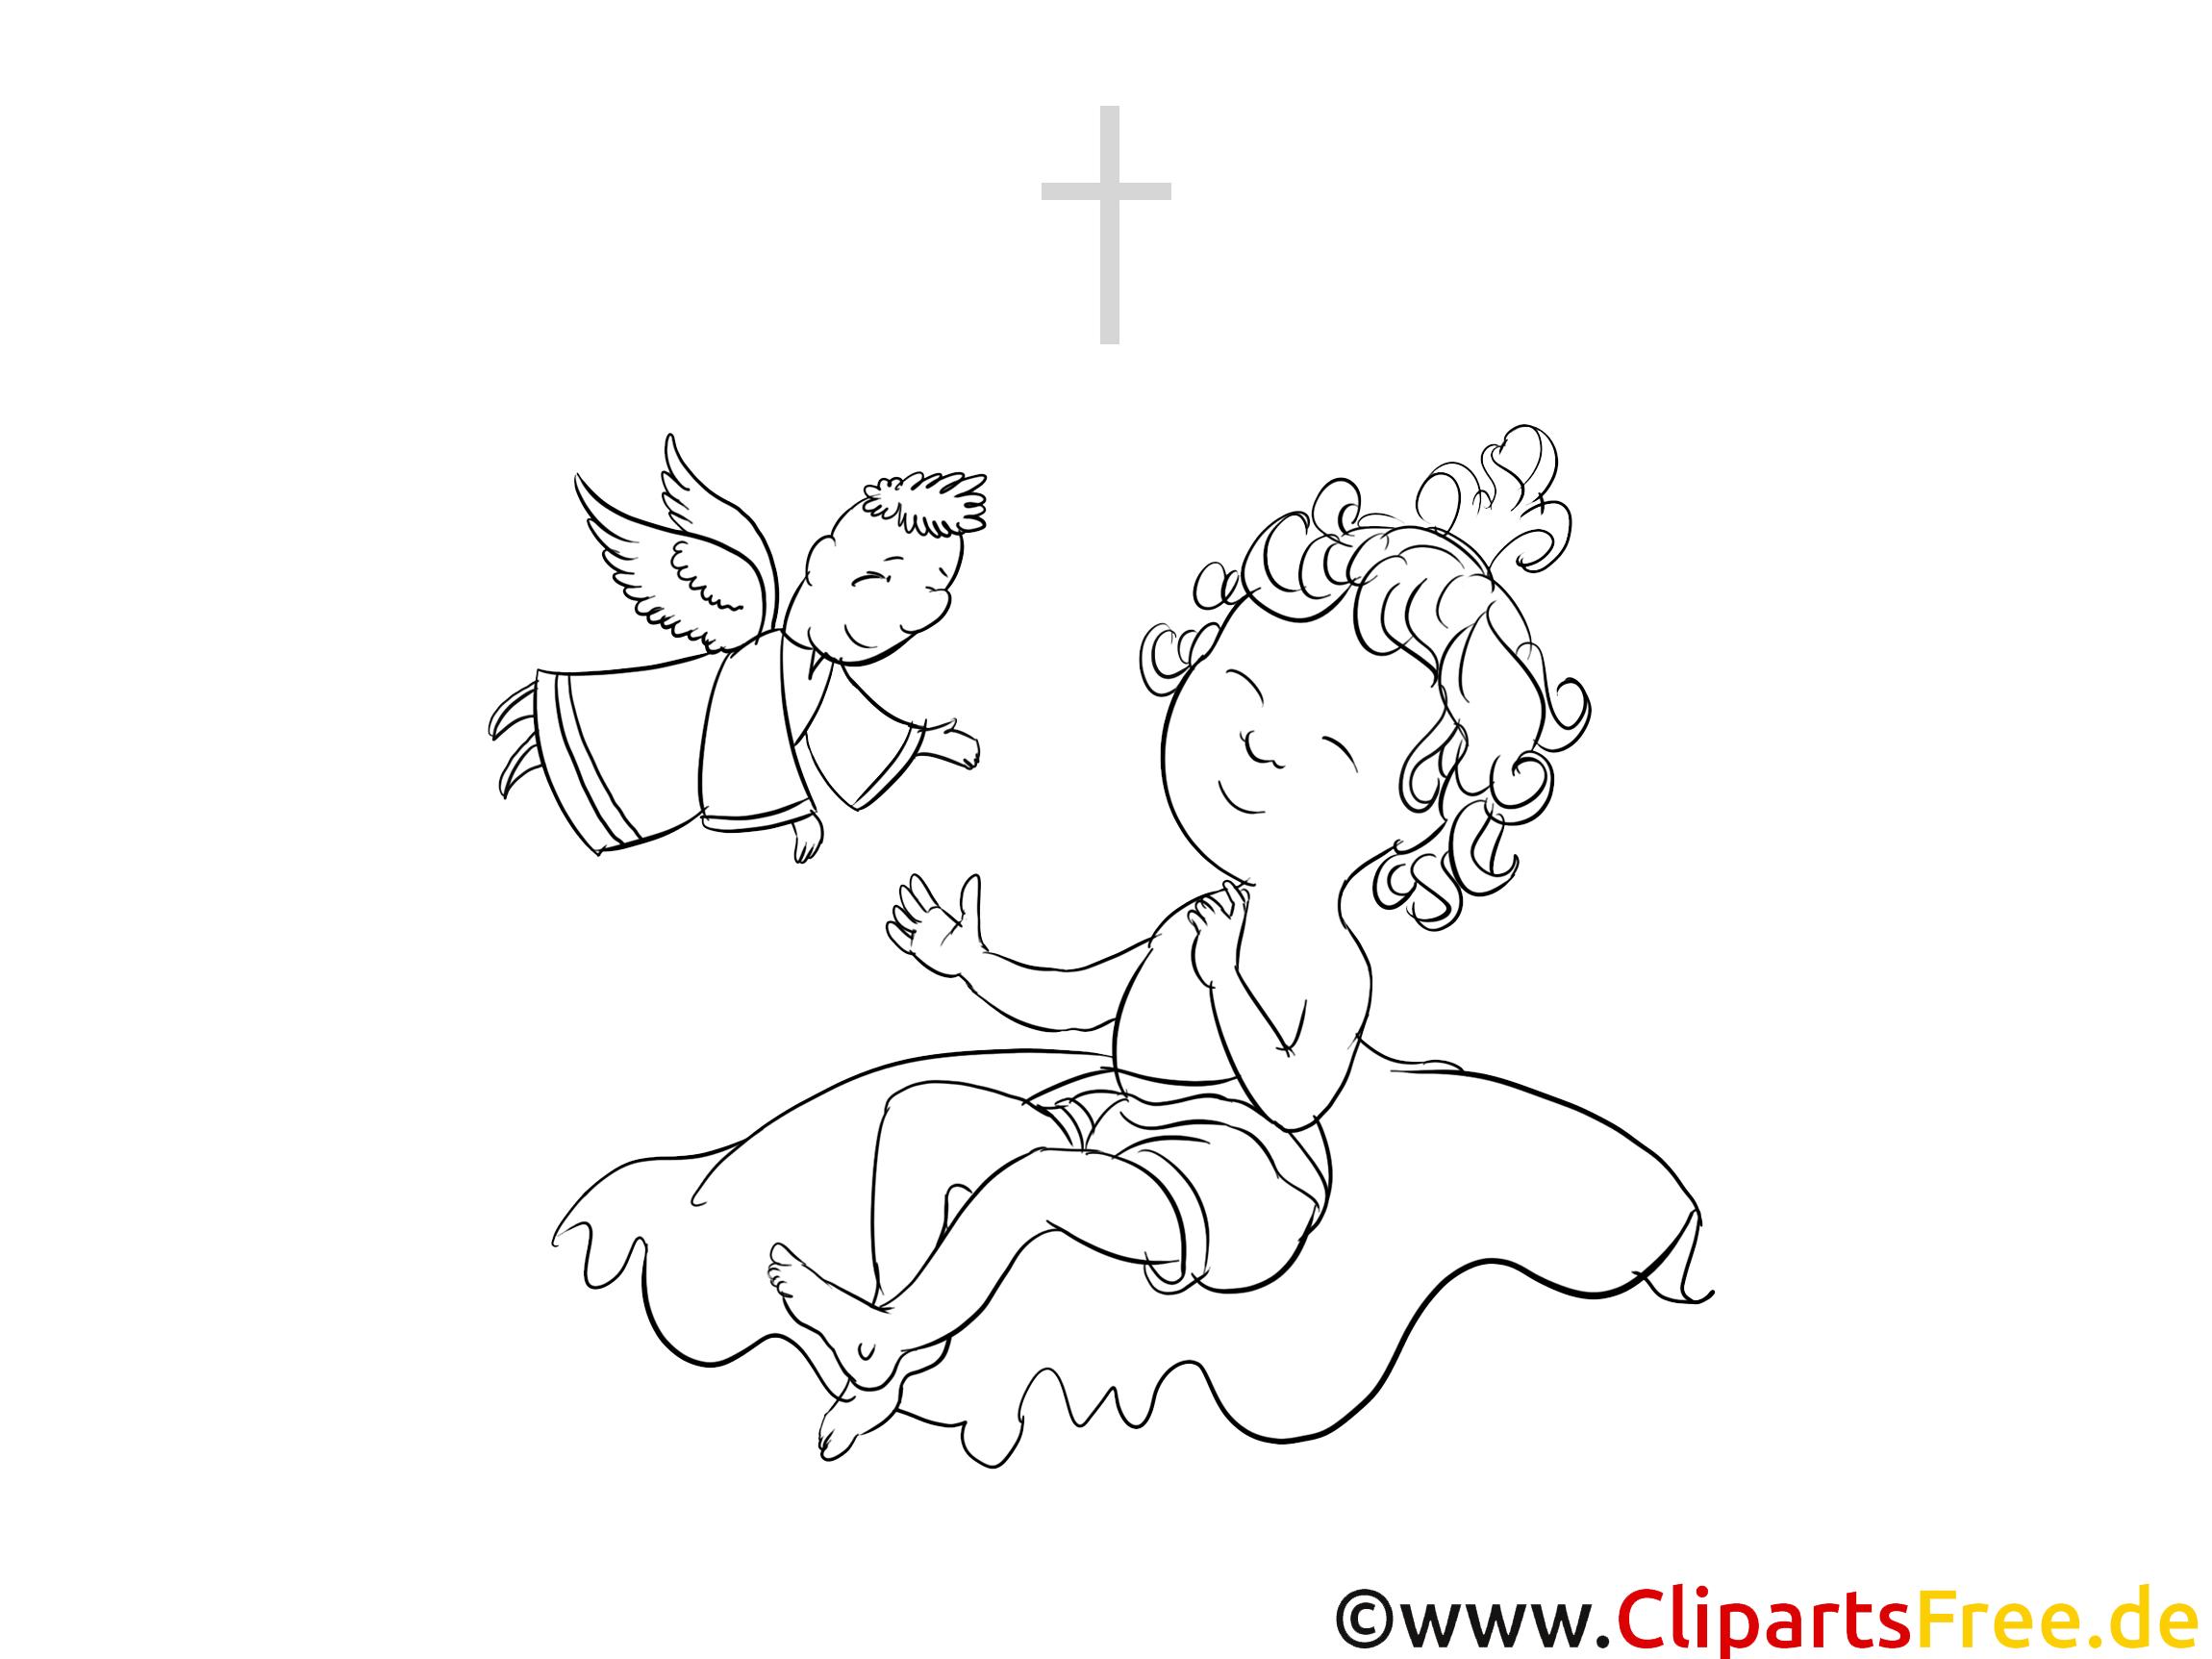 Bébé dessin gratuit – Baptême à colorier